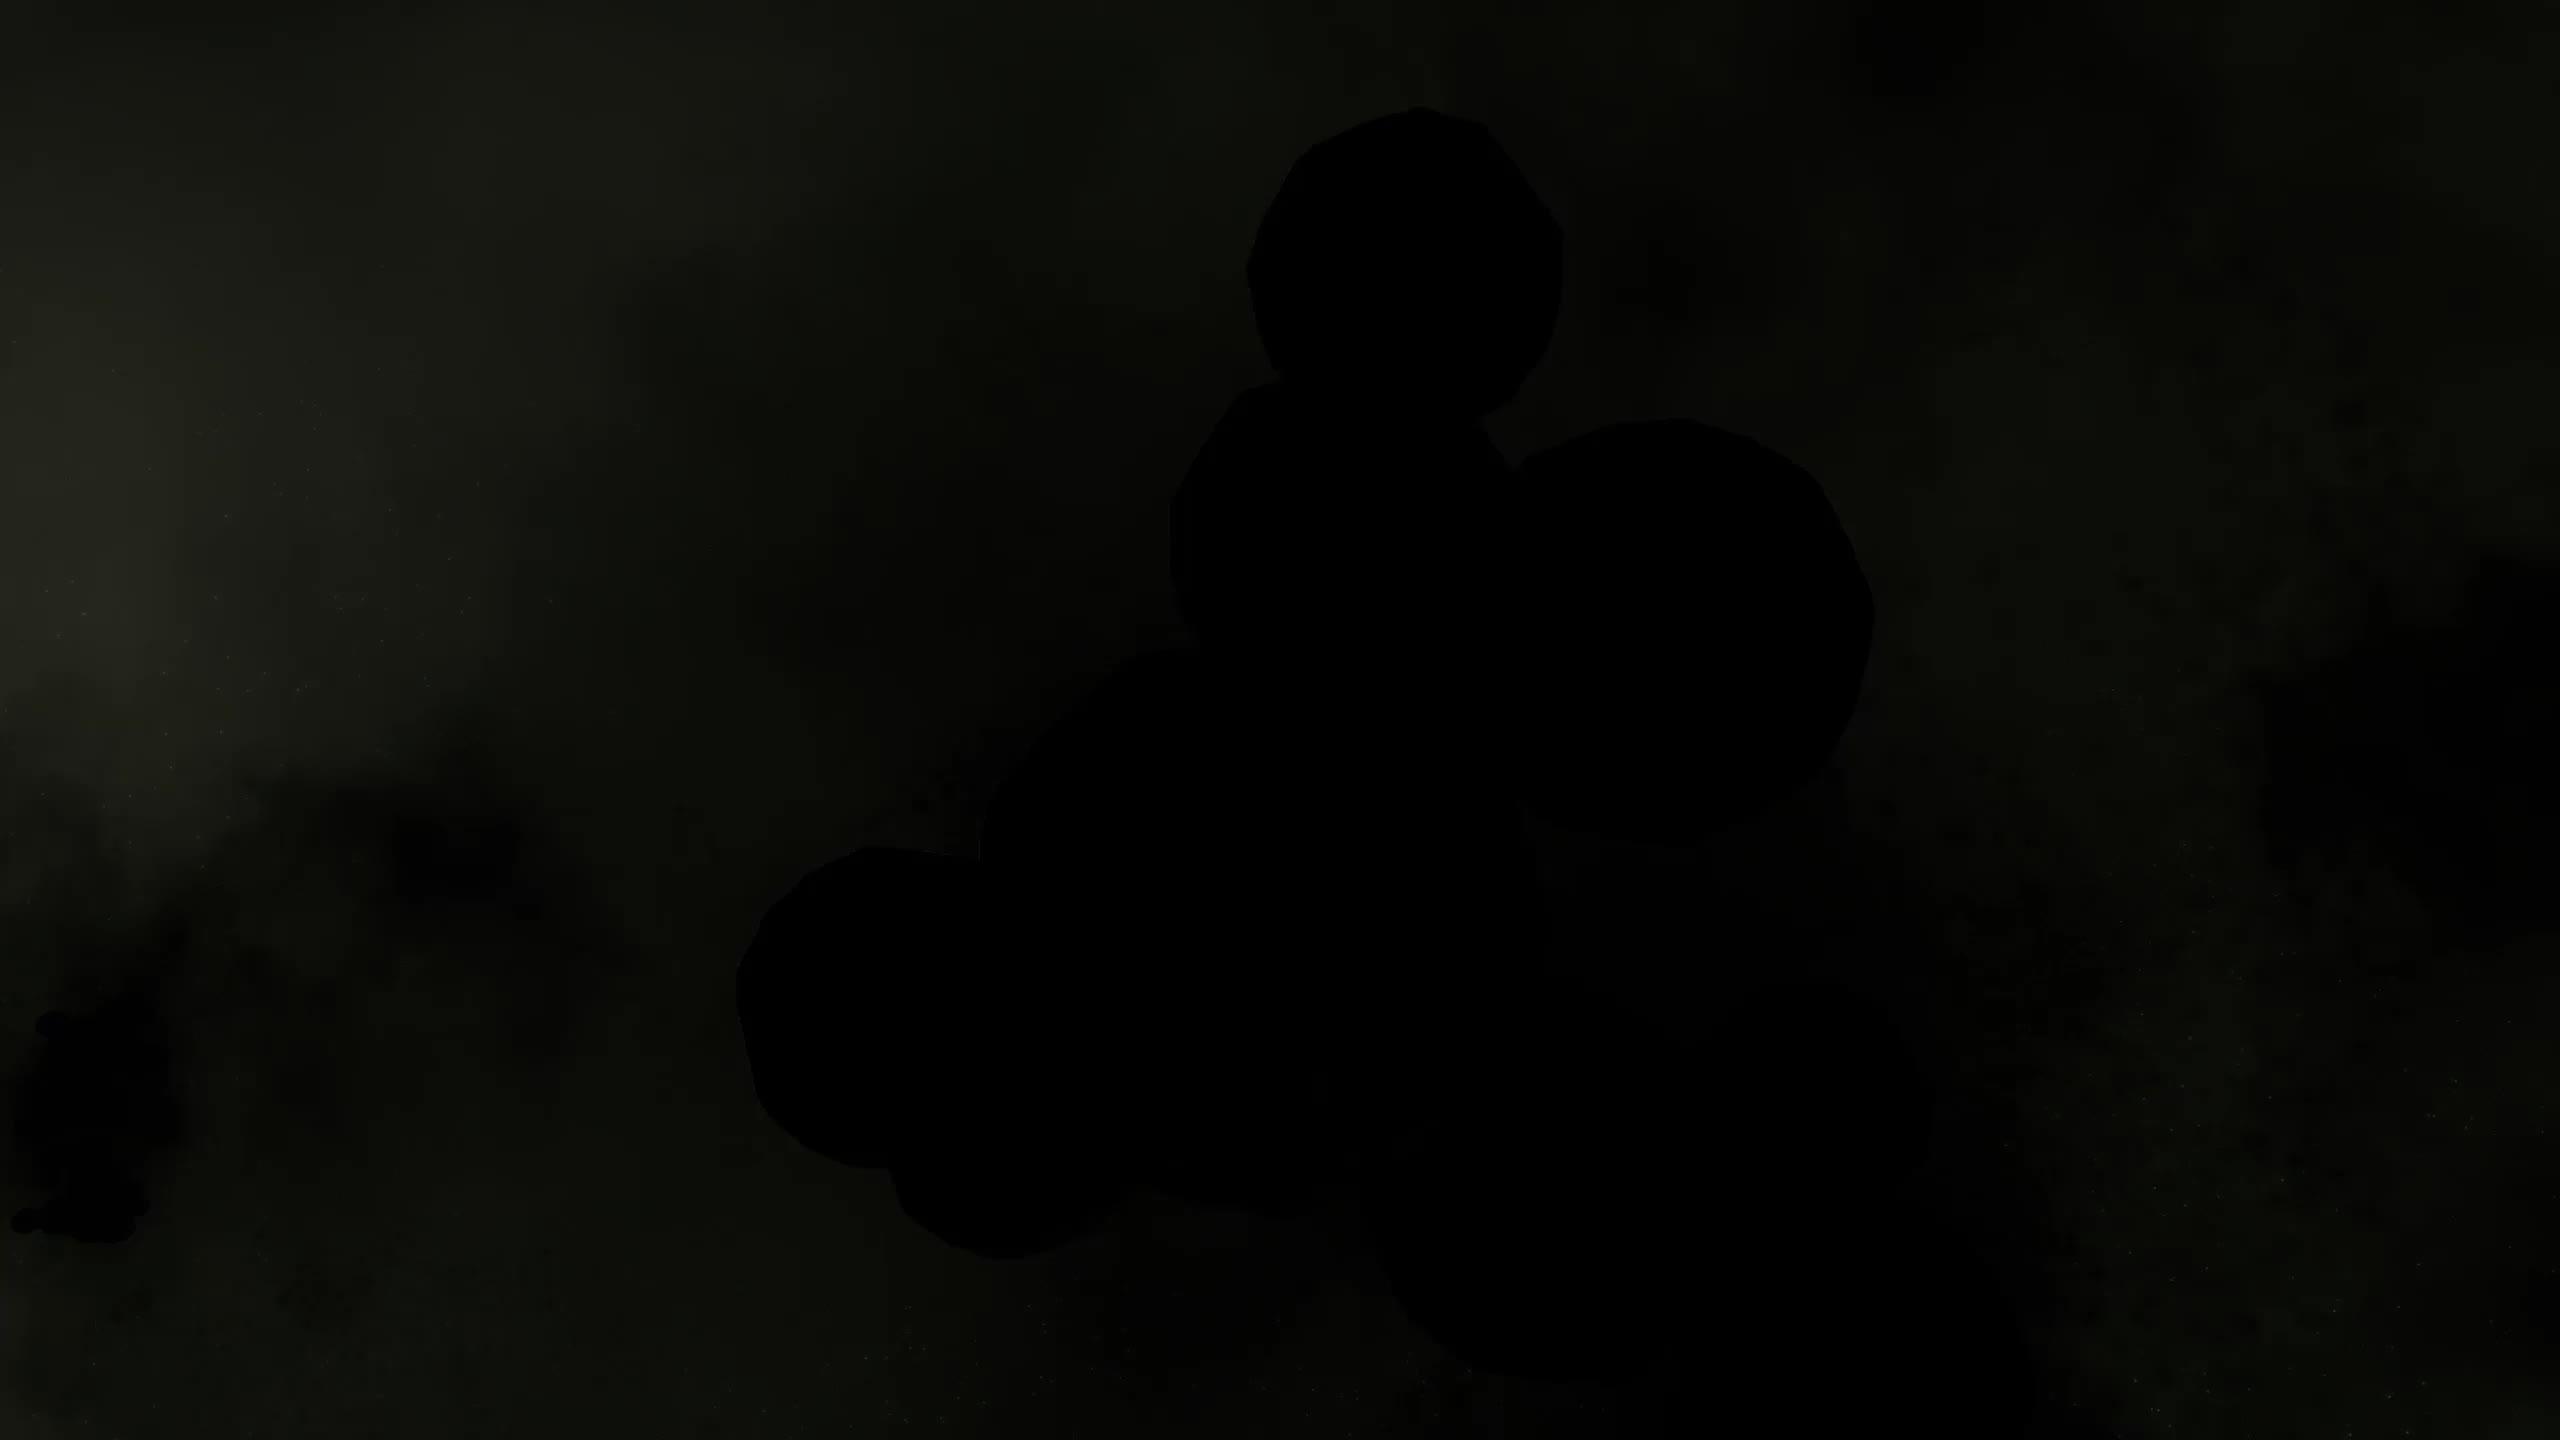 spooky2 GIFs